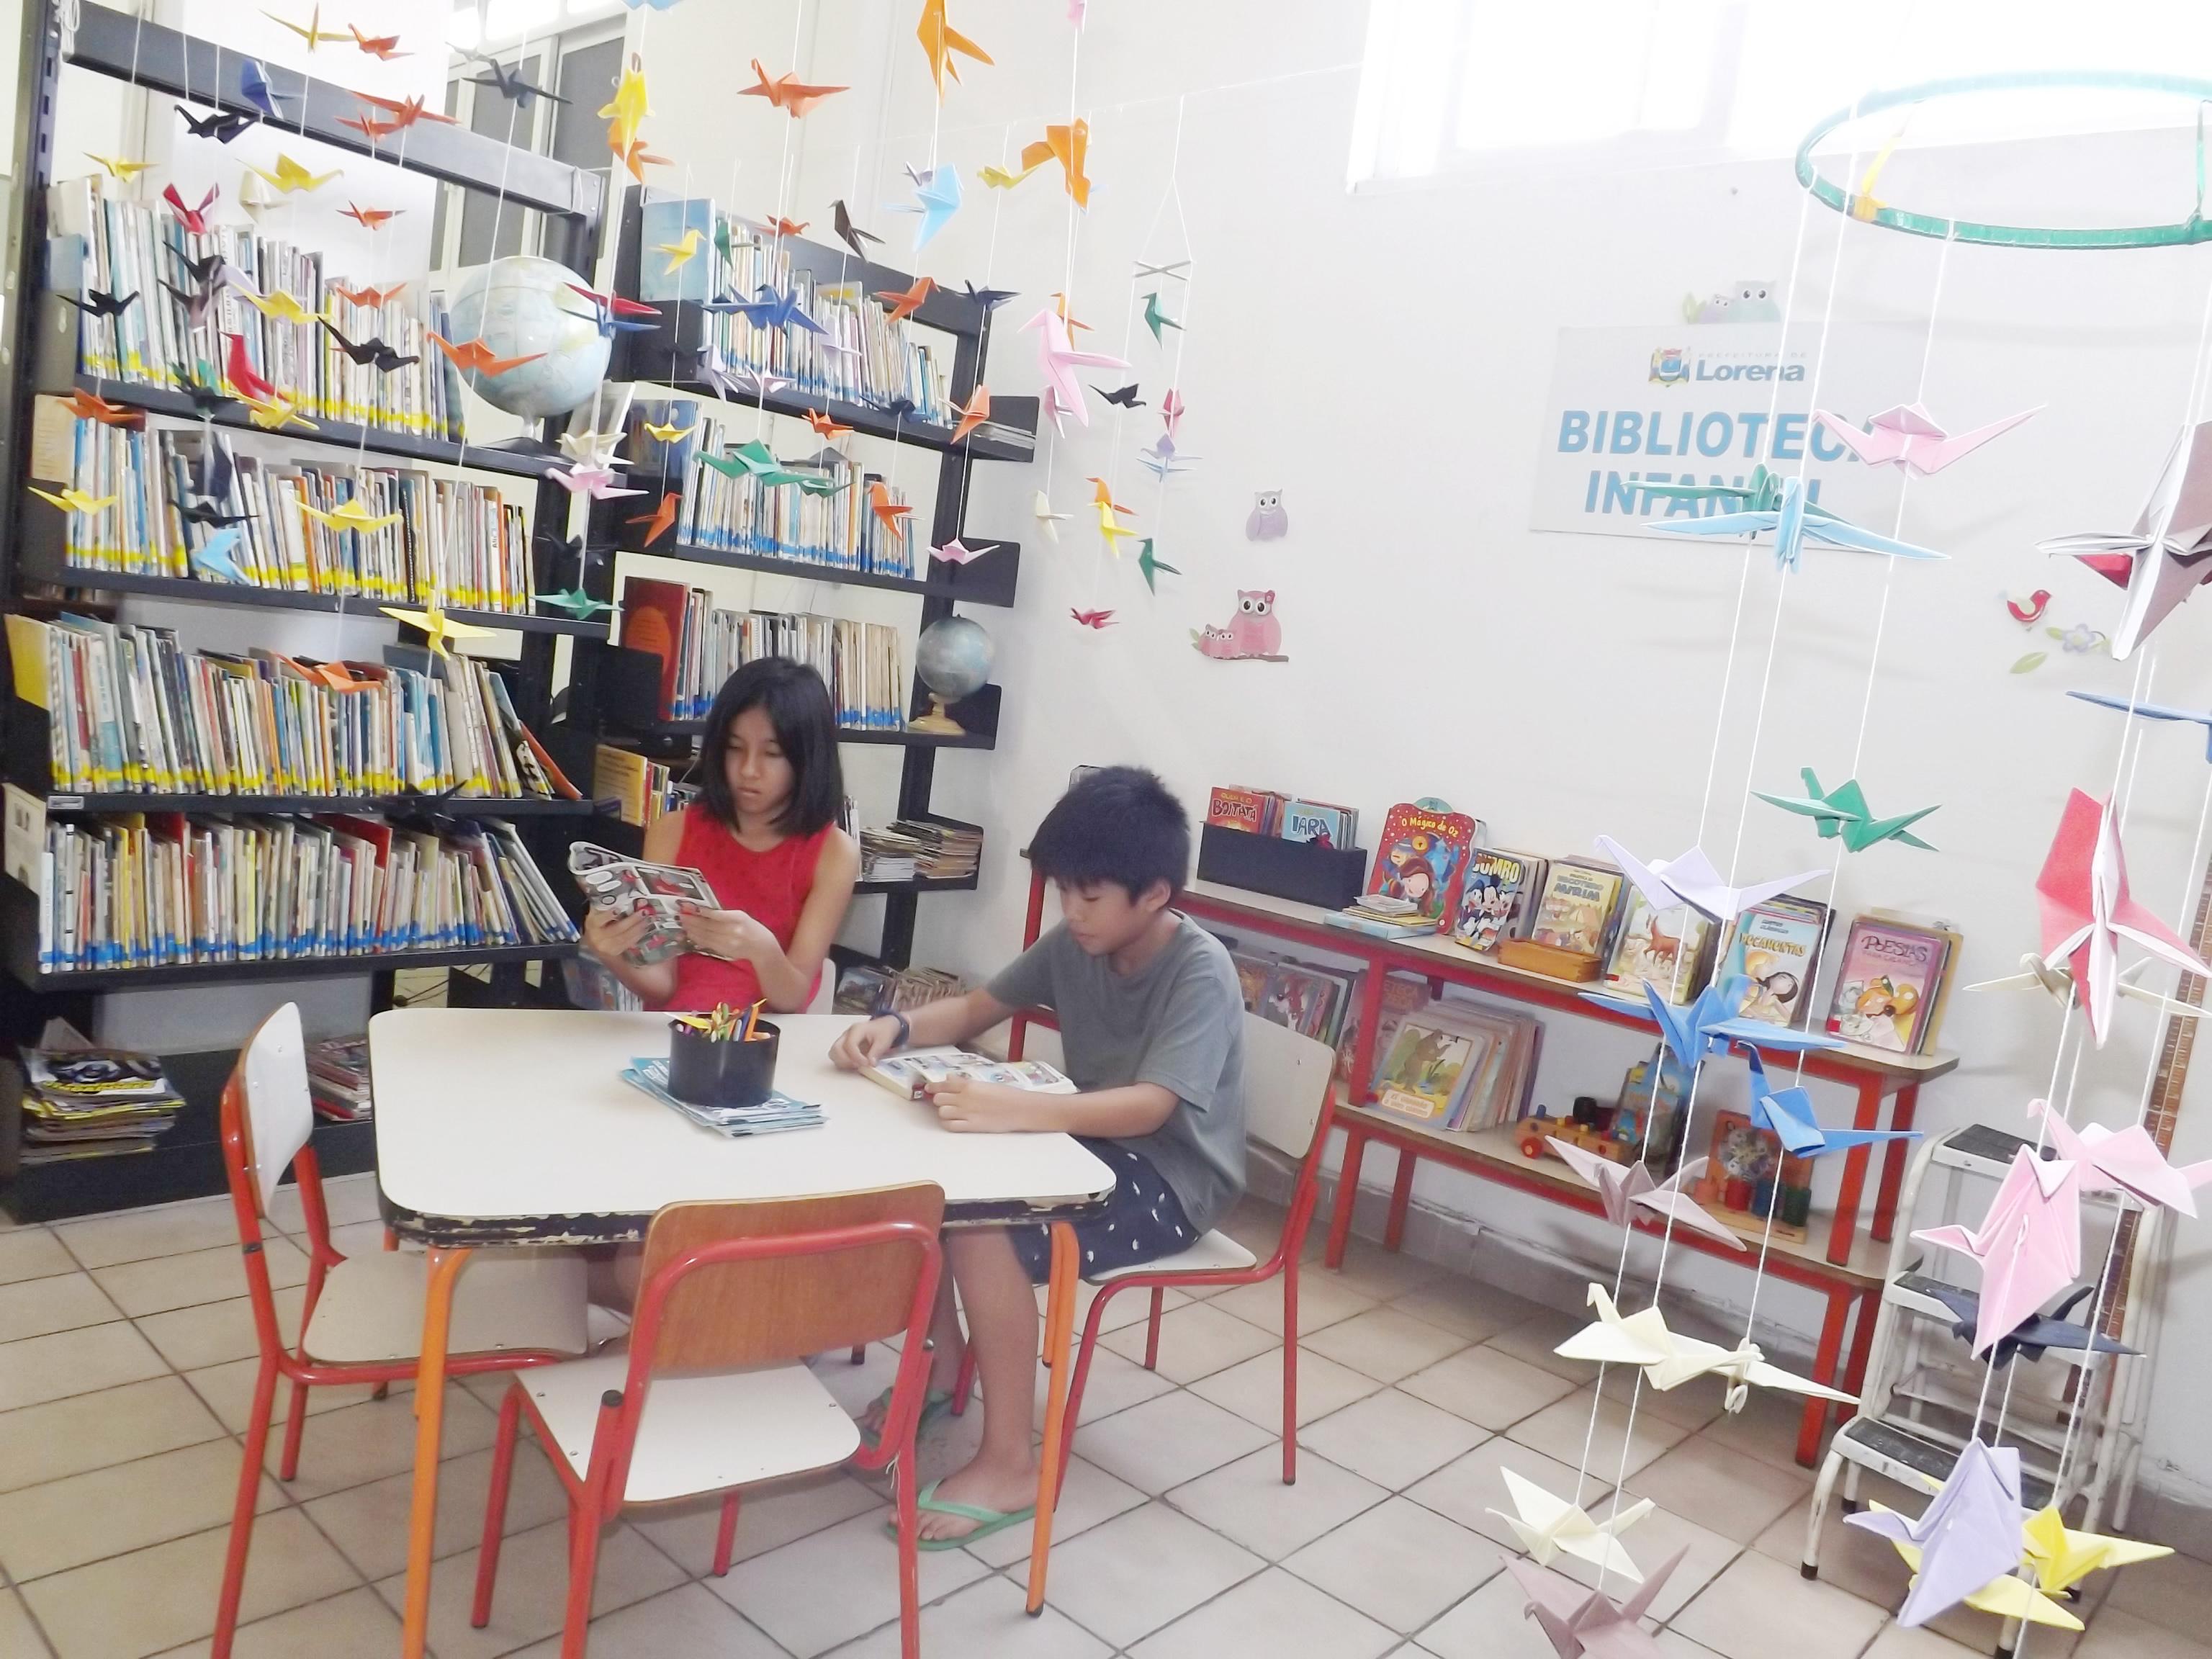 Crianças leem revistas em área destinada ao público infantil; na era da informação, Biblioteca de Lorena ganhou destaque com aumento de público nos últimos três anos (Rafaela Lourenço)